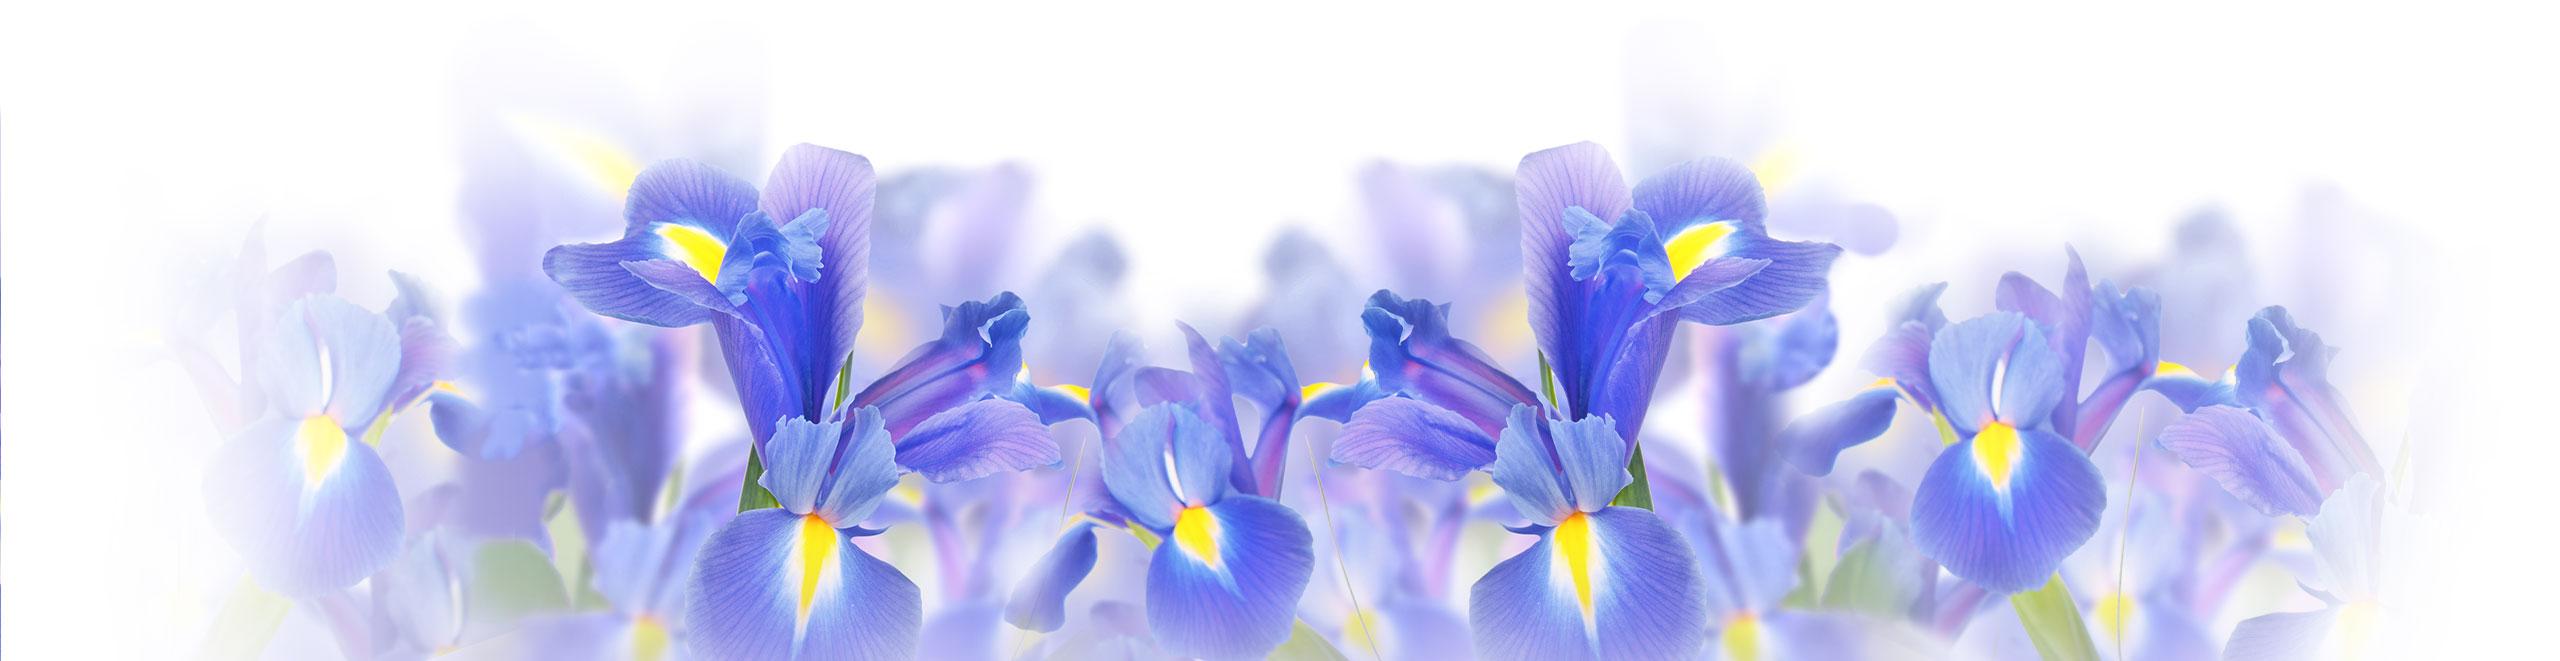 Fiori di Iris